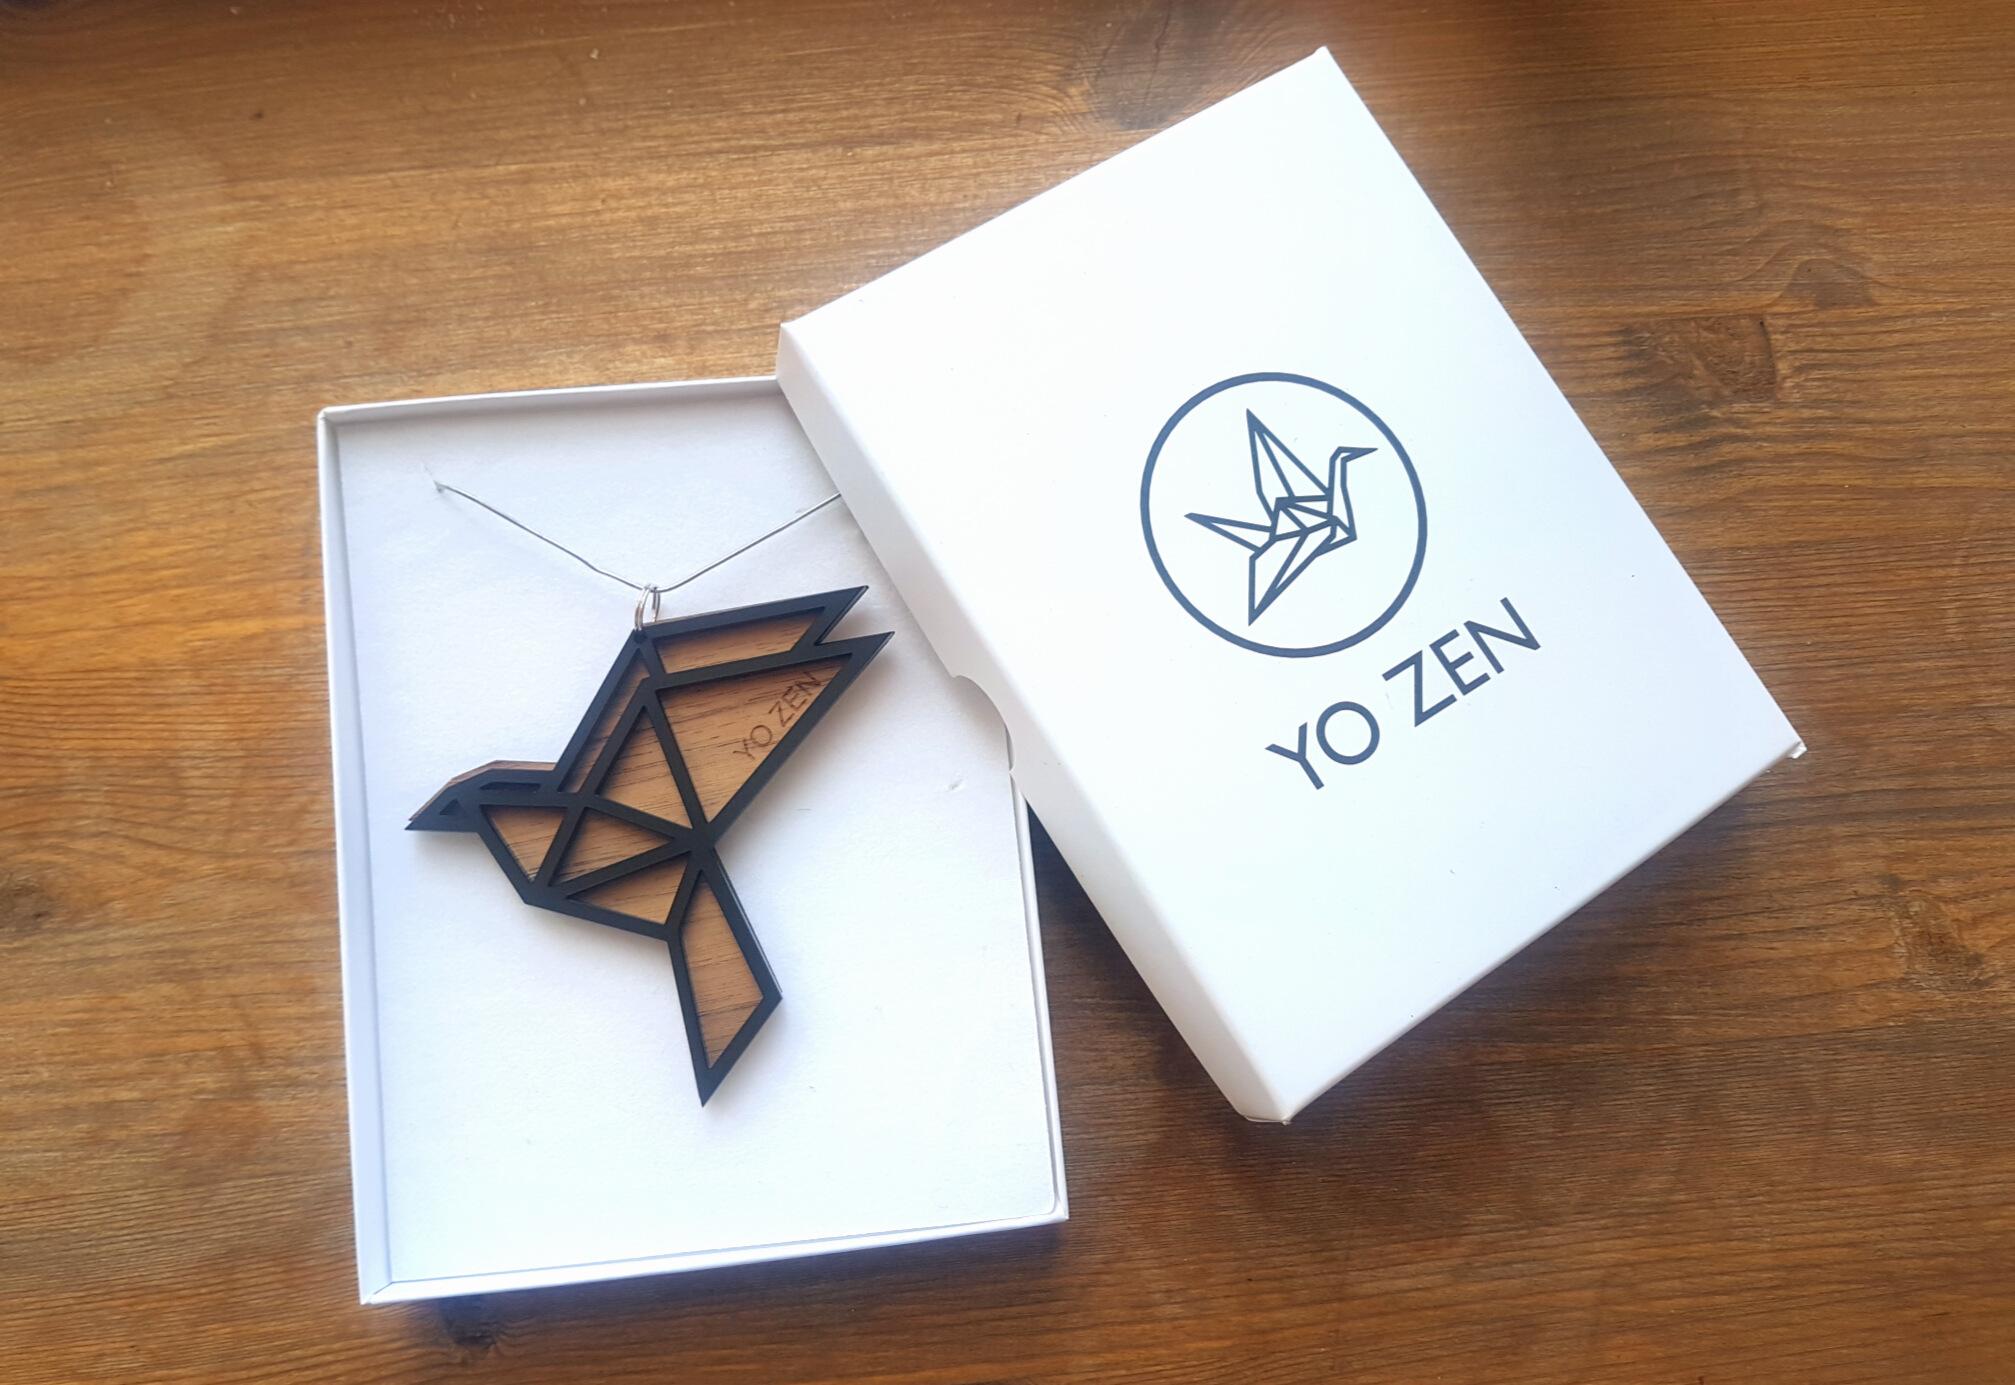 YO ZEN Dove pendant.